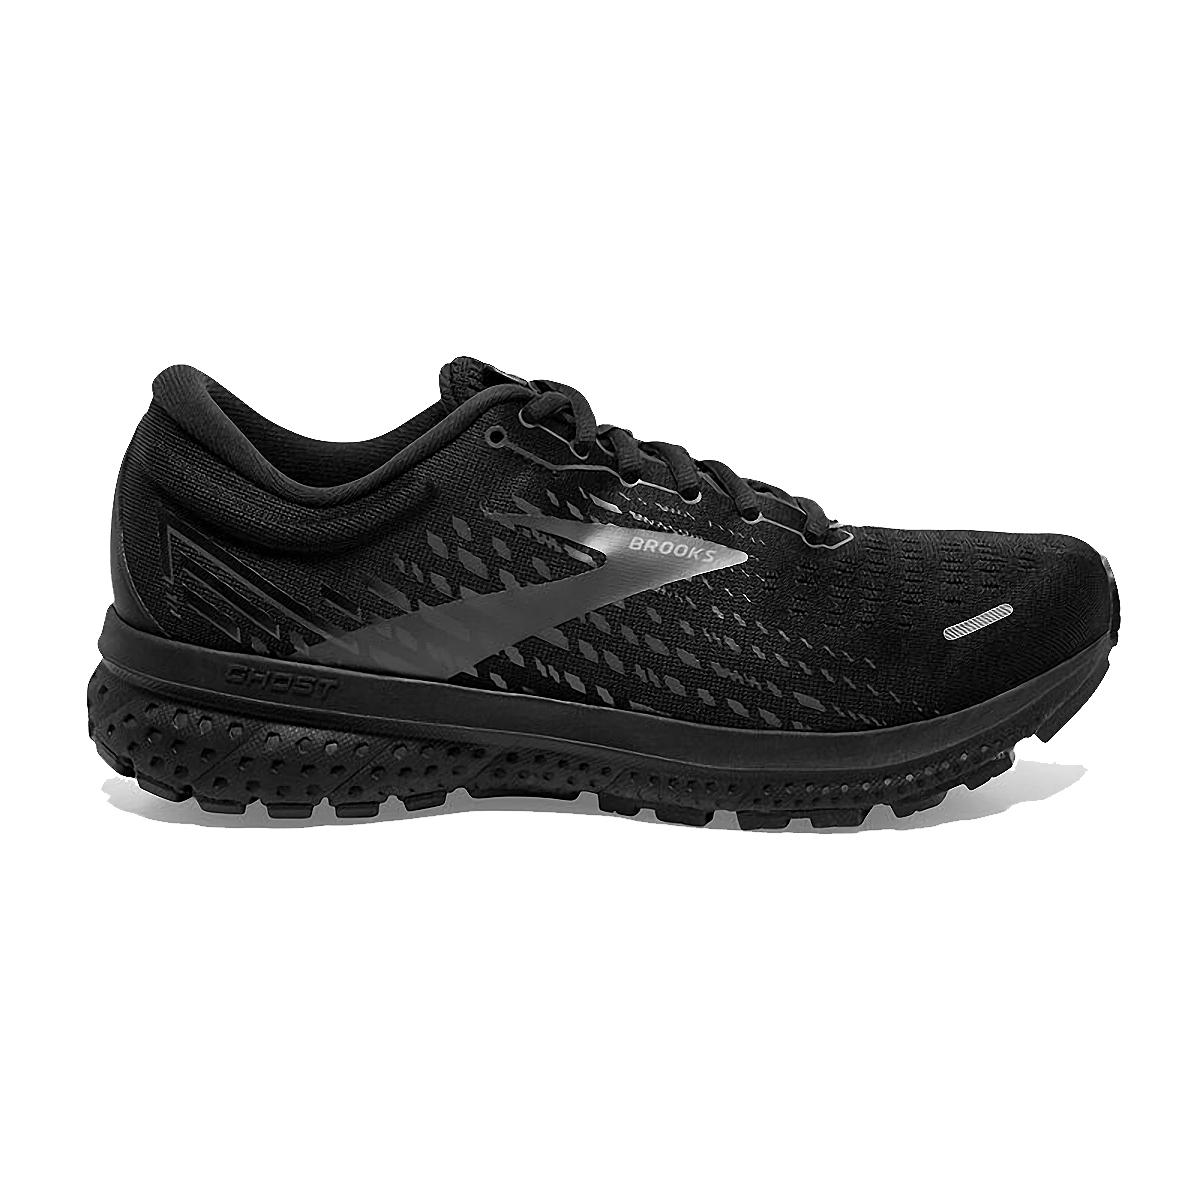 Men's Brooks Ghost 13 Running Shoe - Color: Black/Black - Size: 7 - Width: Regular, Black/Black, large, image 1